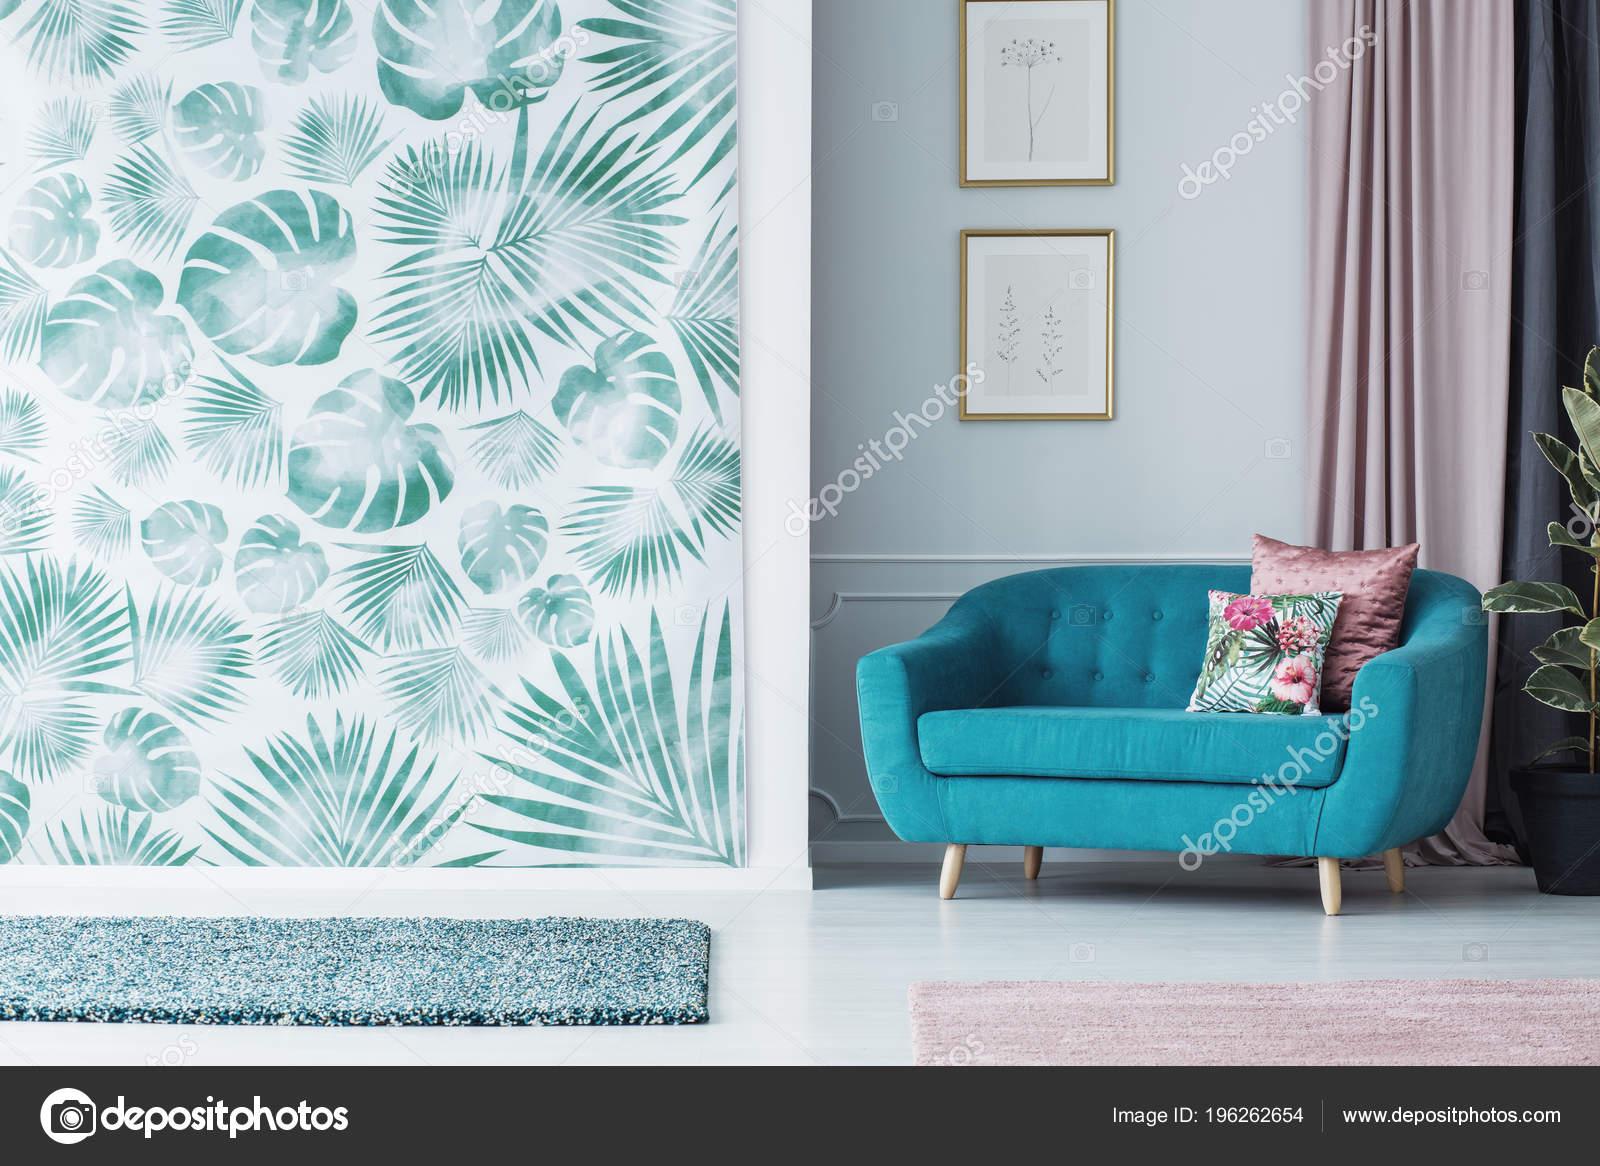 Canapé Turquoise Feuillus Salon Intérieur Avec Papier Peint Vert ...